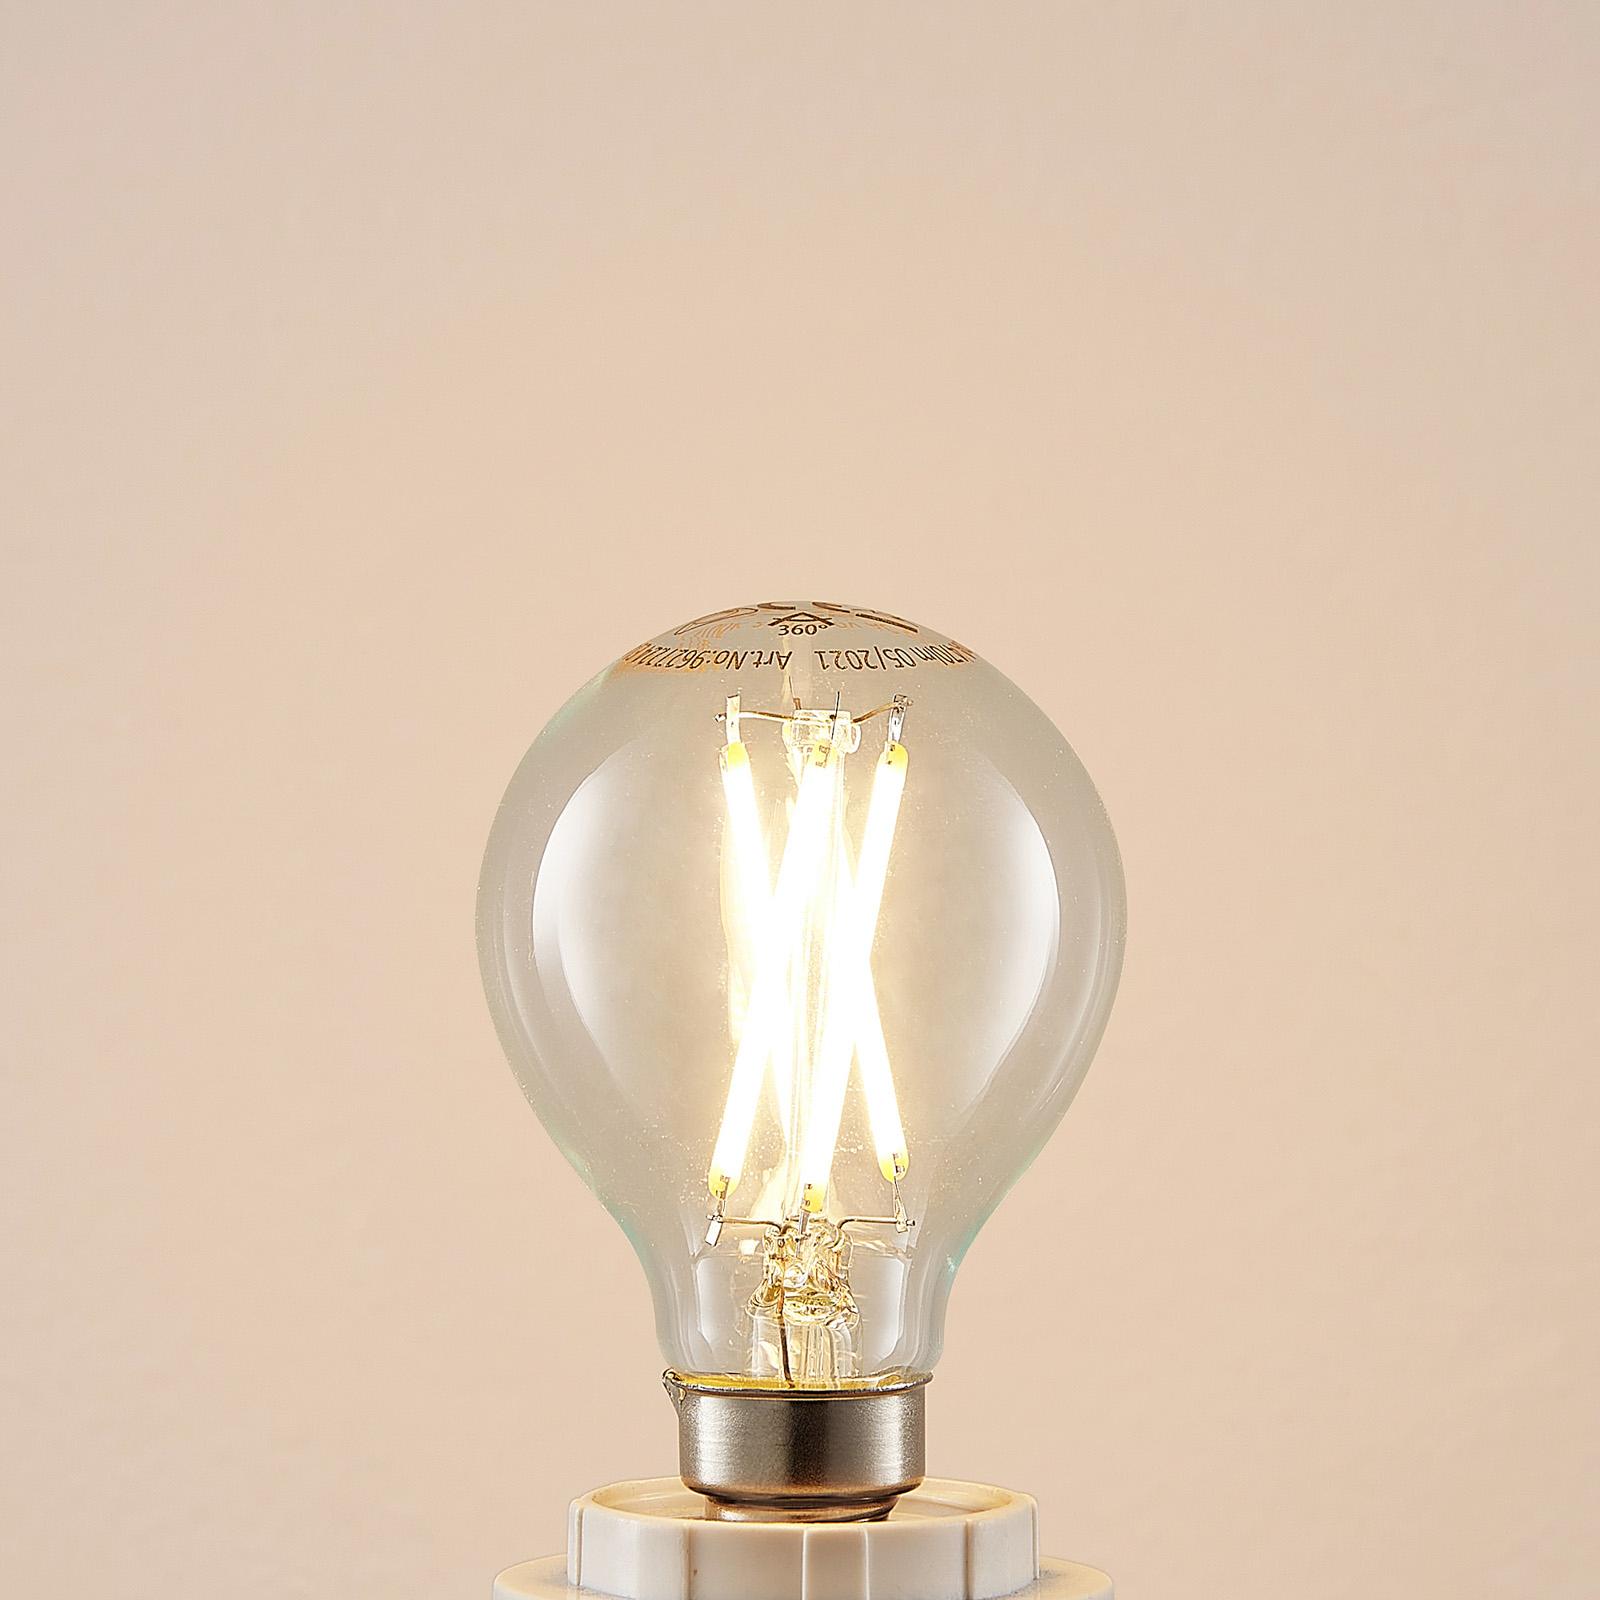 LED-pære E14 4 W 2700K filament dråpe dimbar